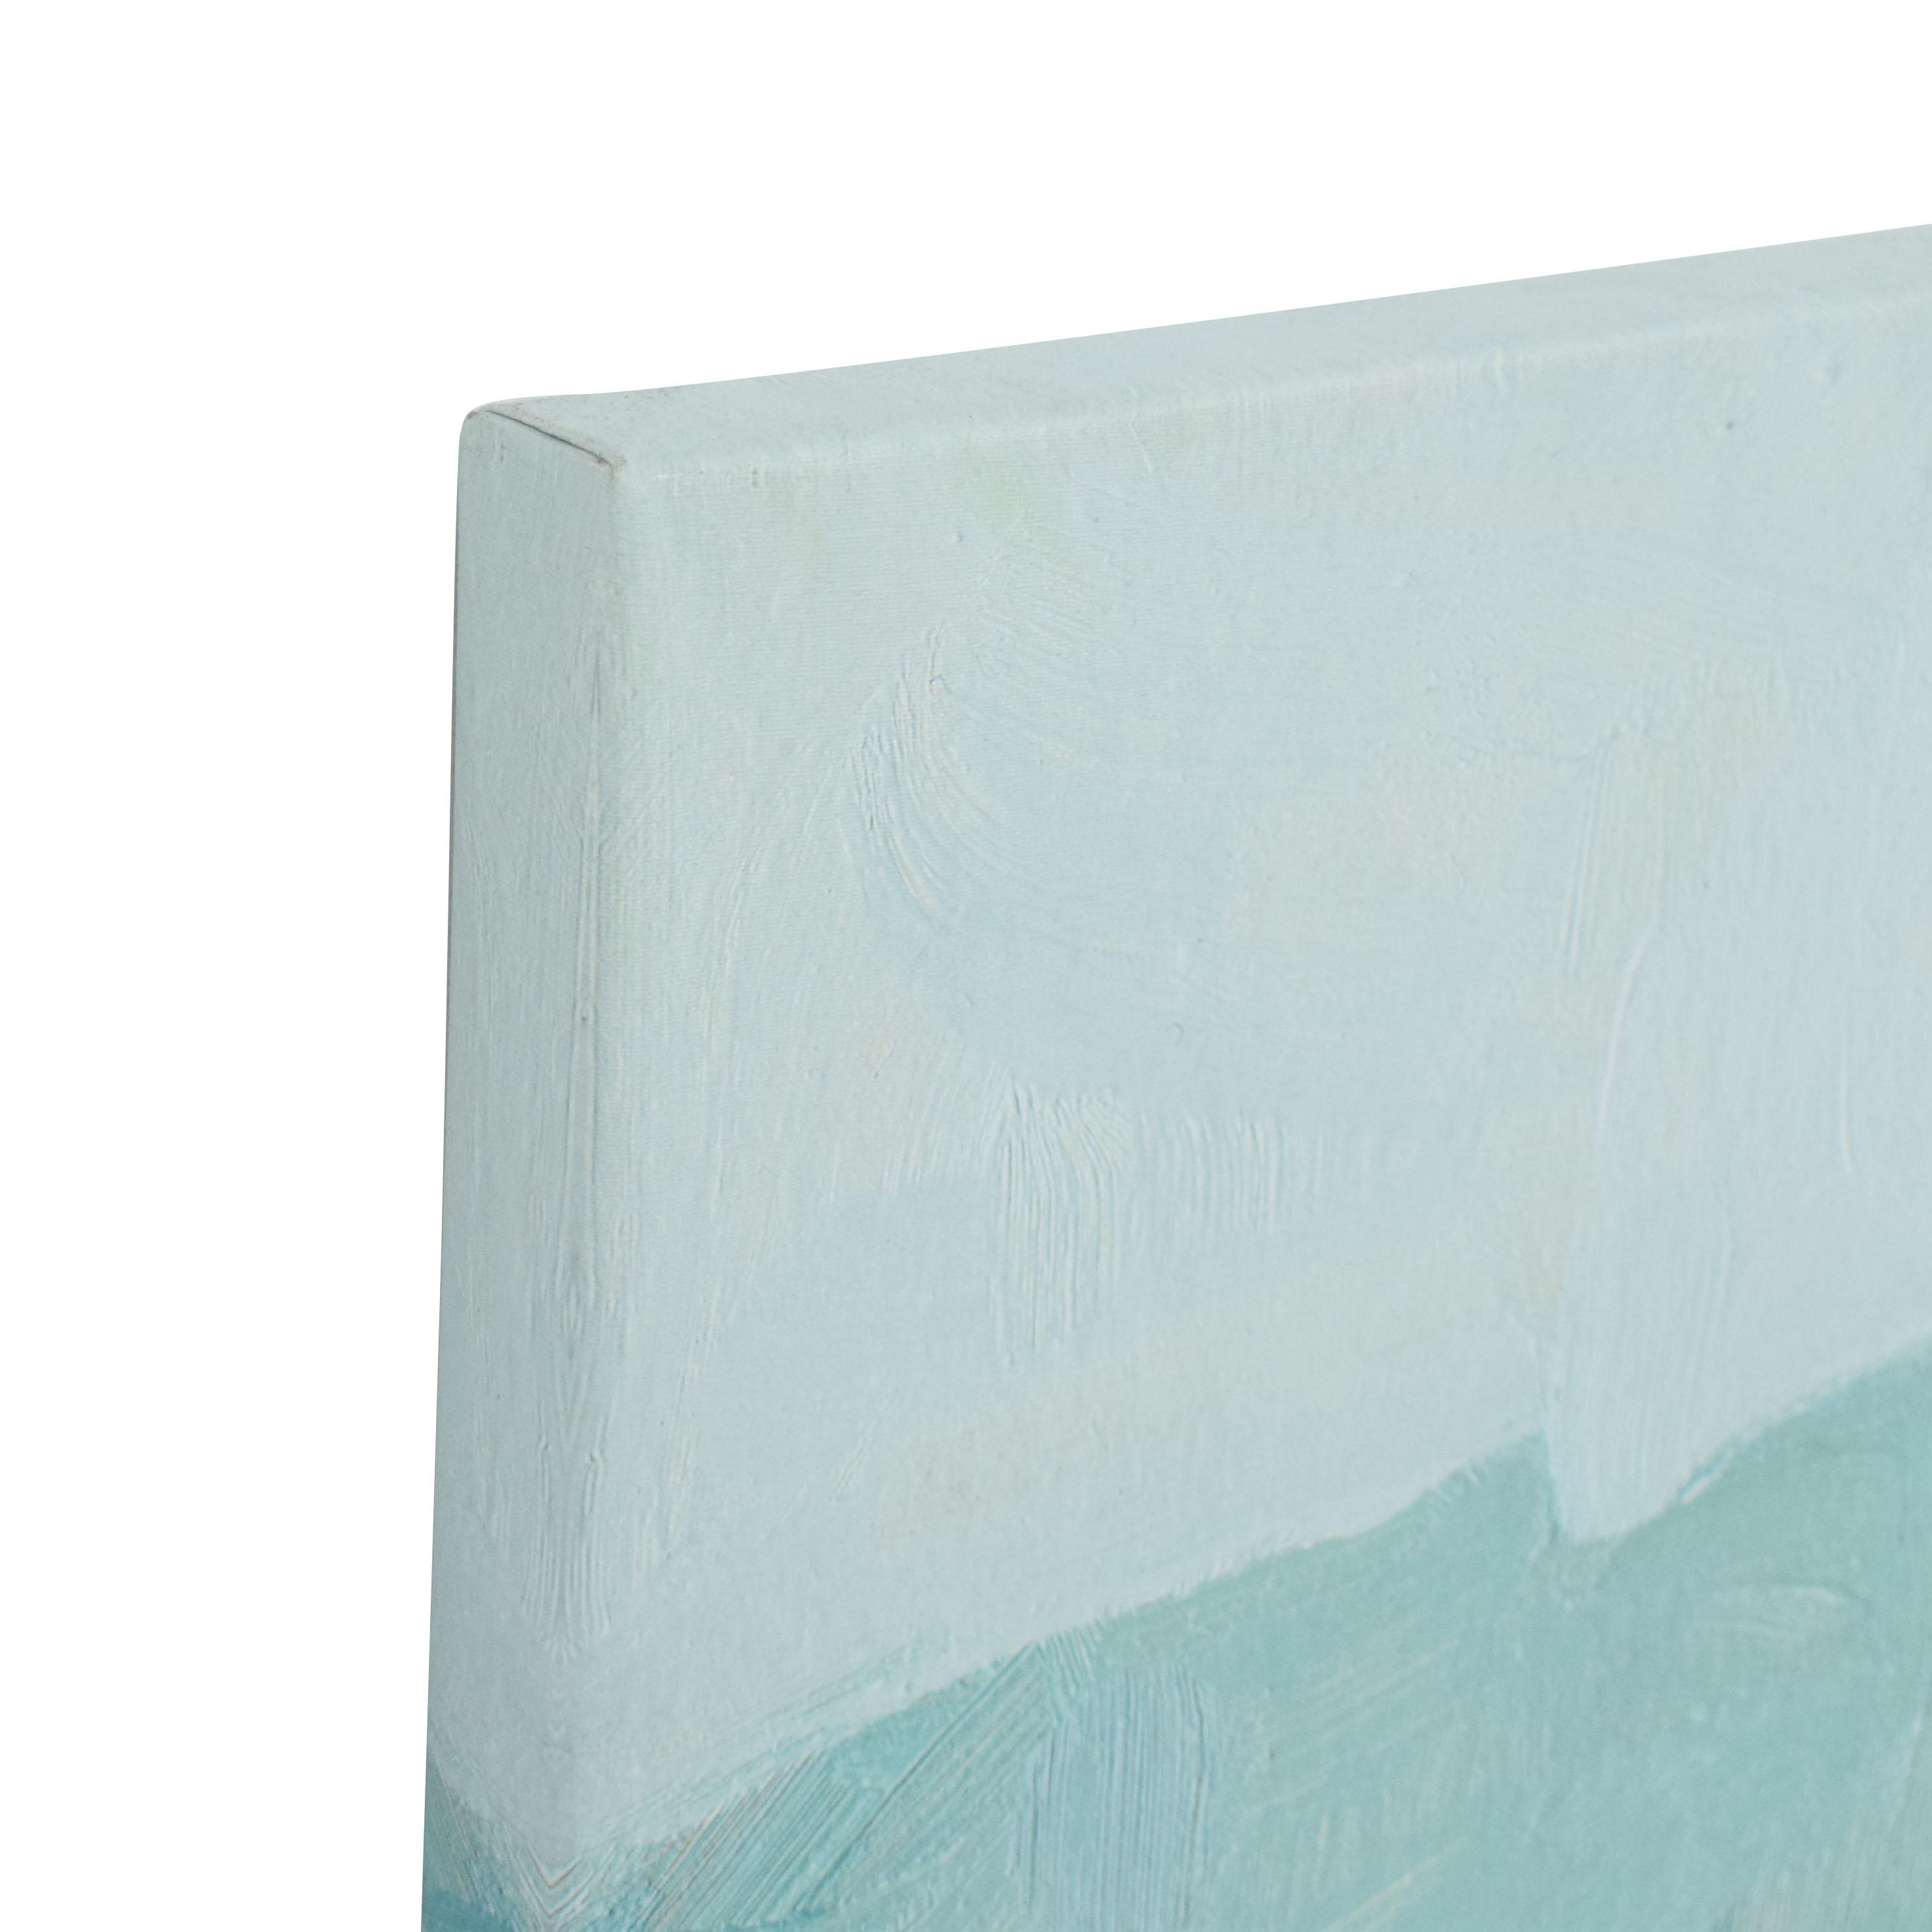 buy iCanvas Sea Glass Sandbar by Emma Scarvey iCanvas Decor